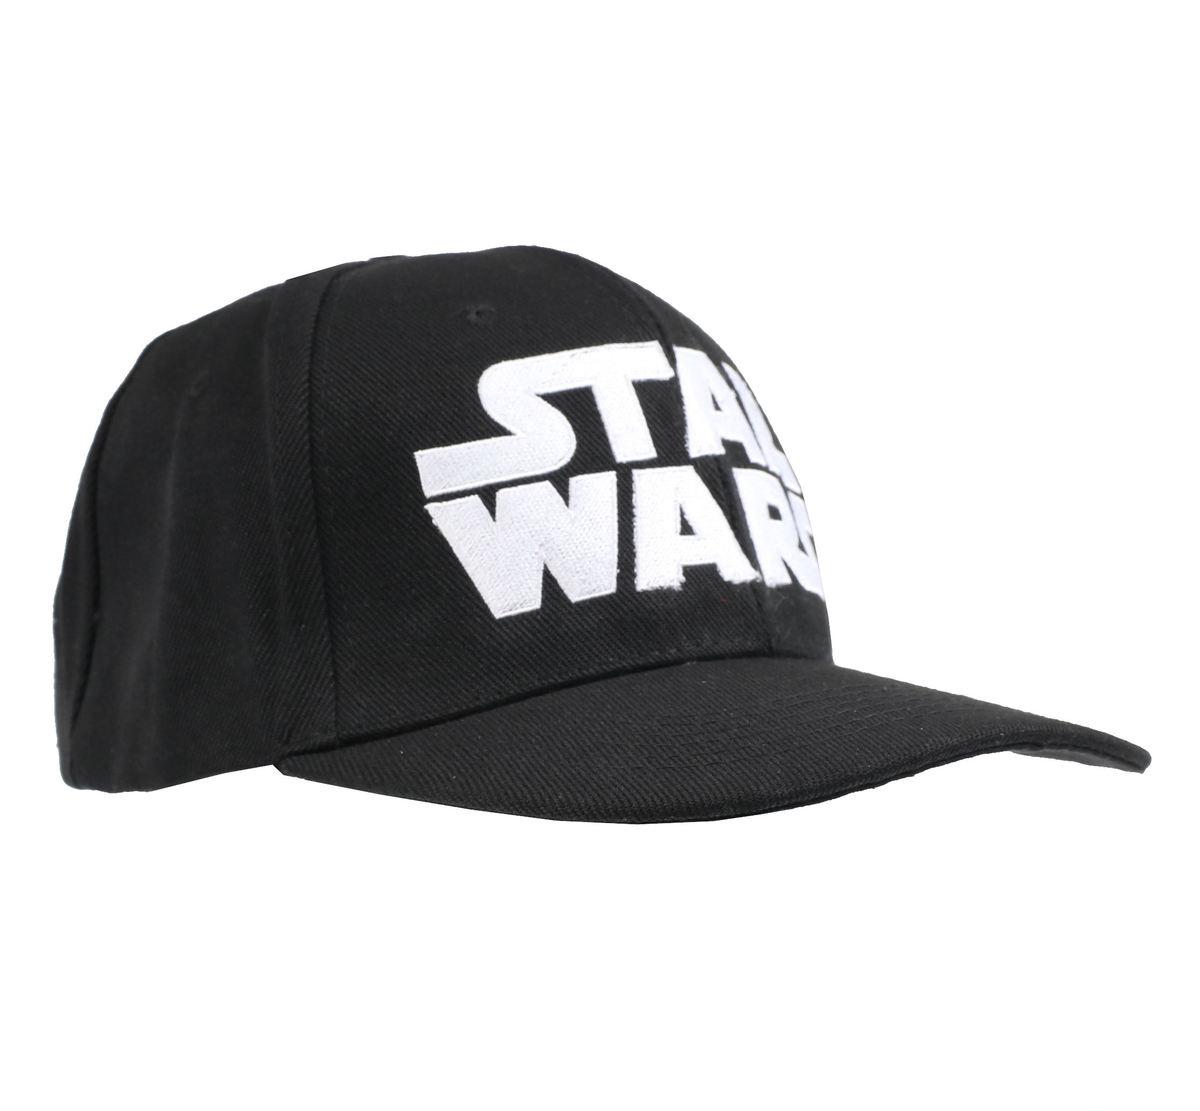 šiltovka STAR WARS - Logo - Black - HYBRIS - LF-9-SW9001-H101